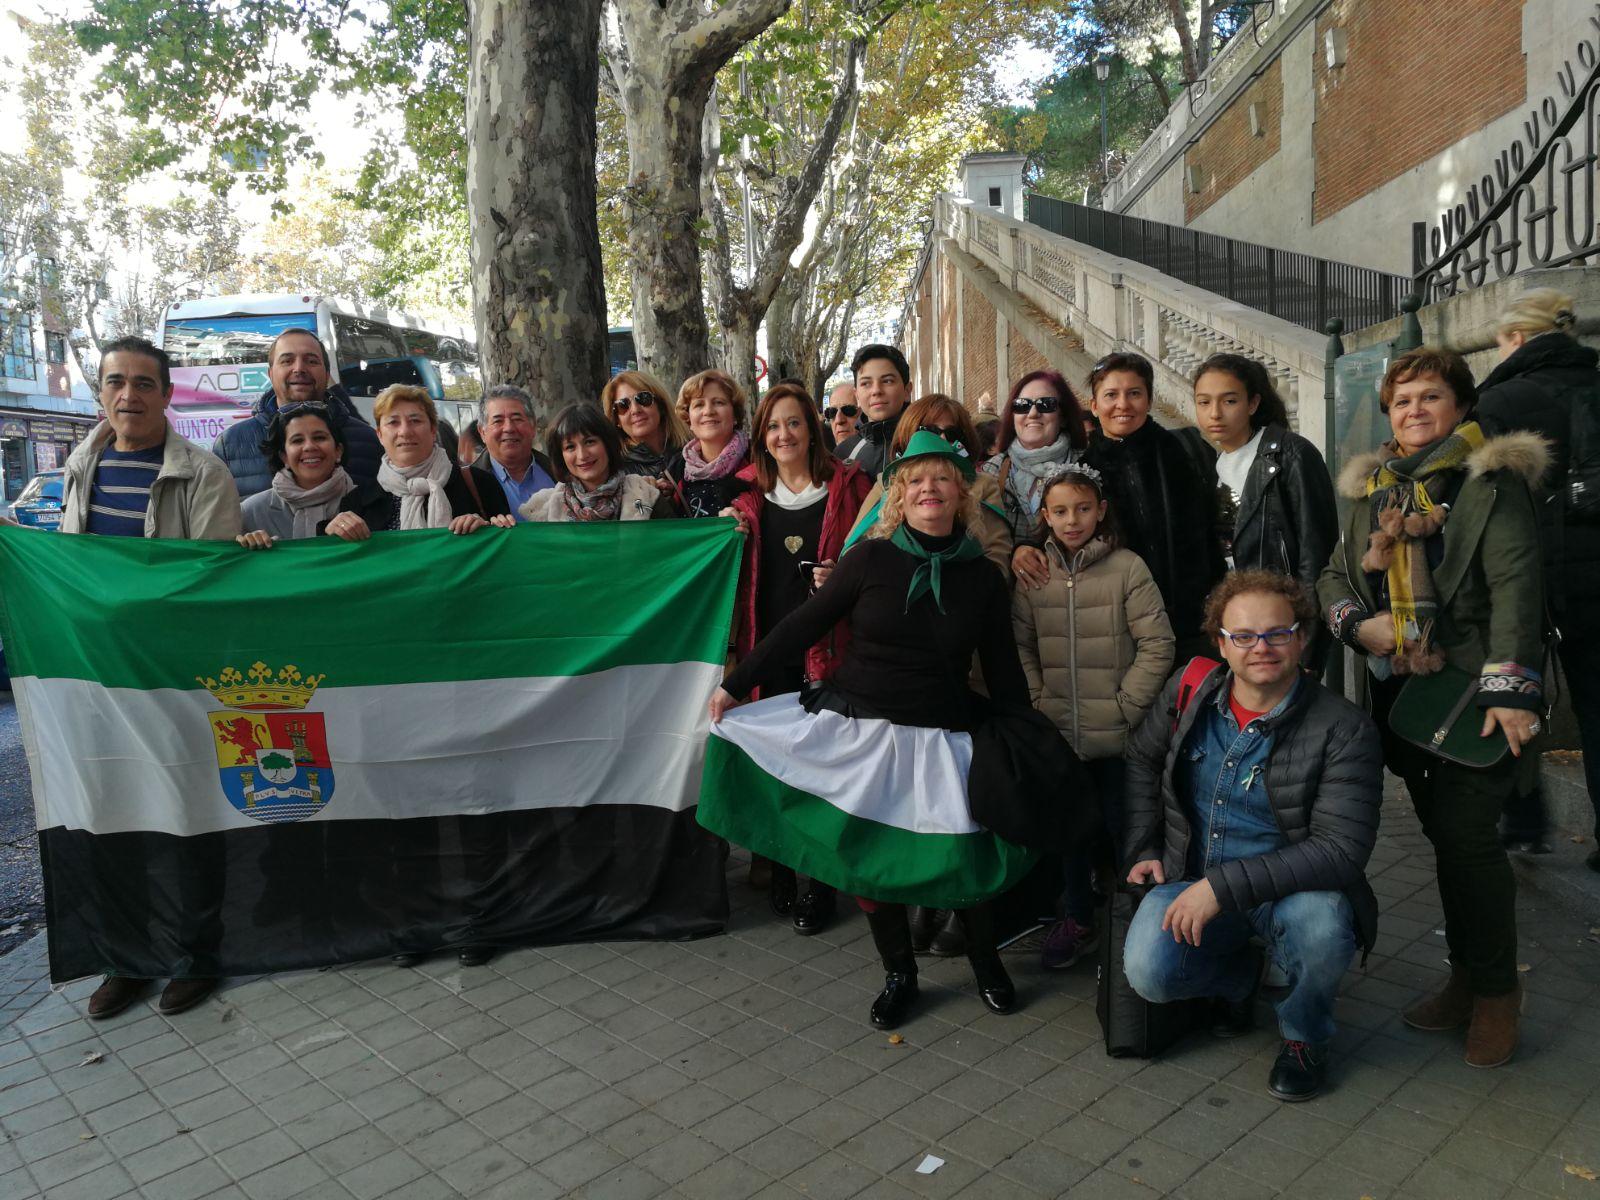 Llegada a Madrid de extremeños para la protesta por un tren digno